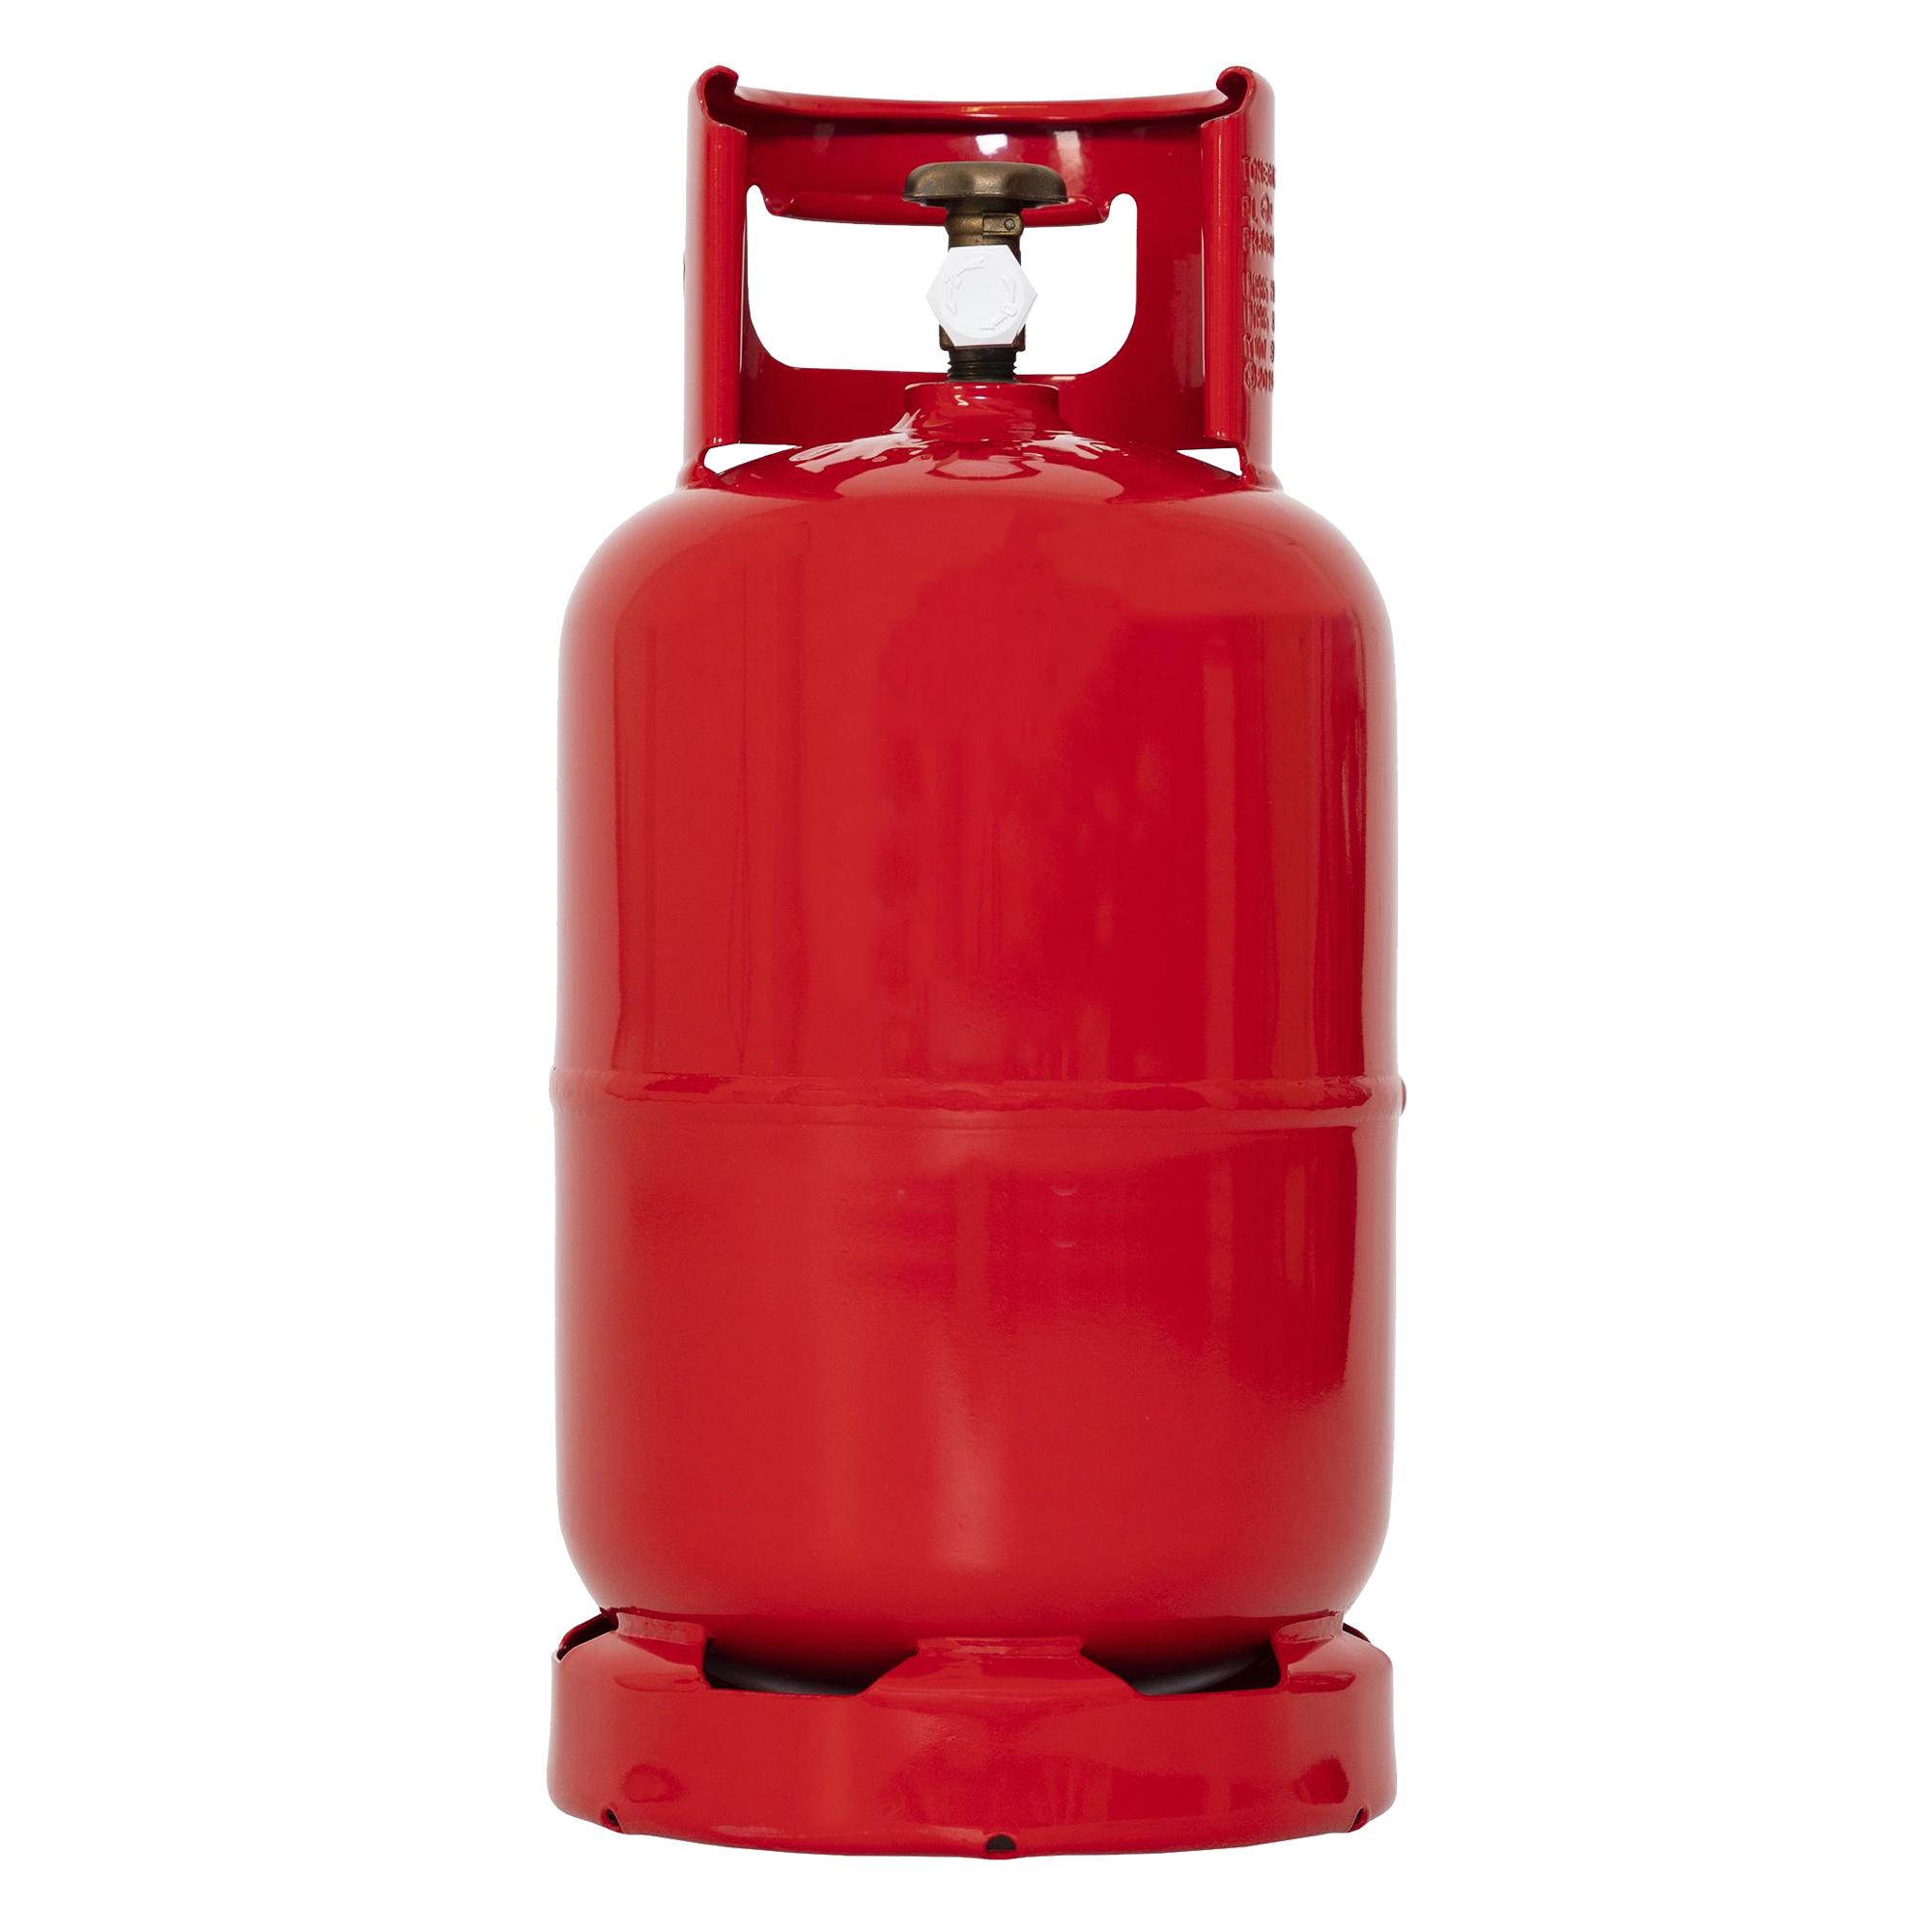 Lahev plynová propan-butan 10 kg